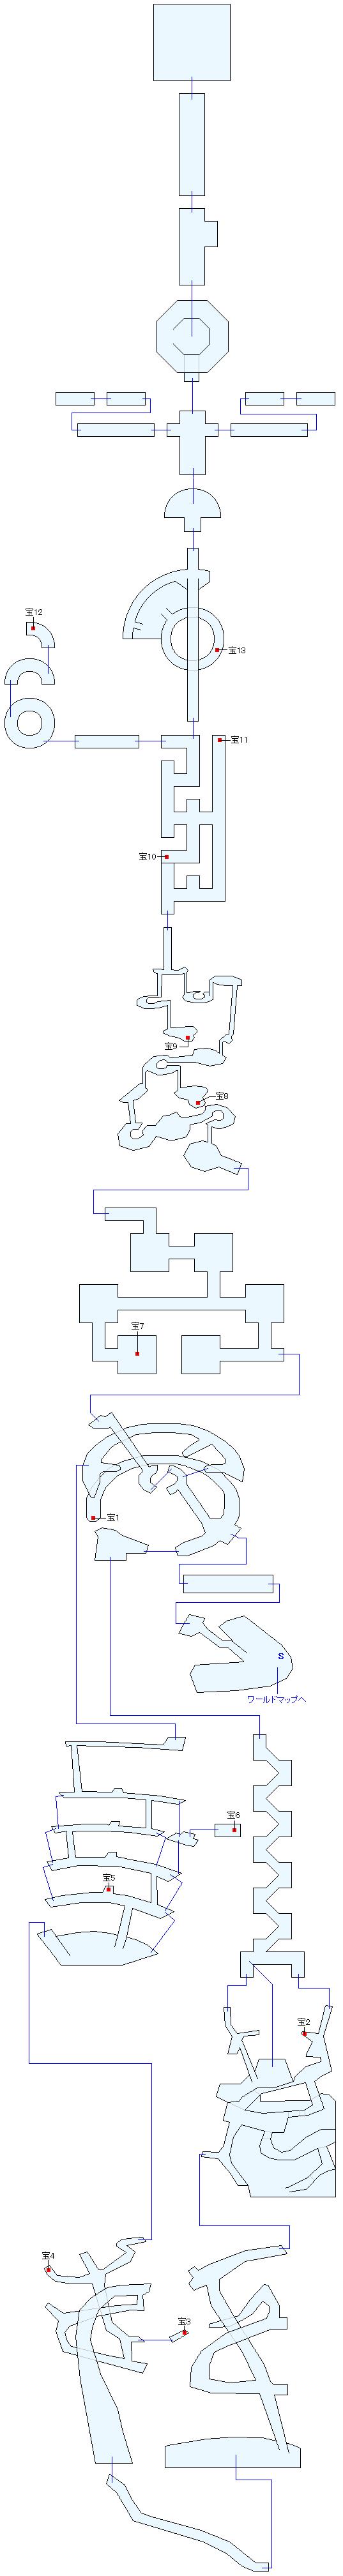 星の塔マップ